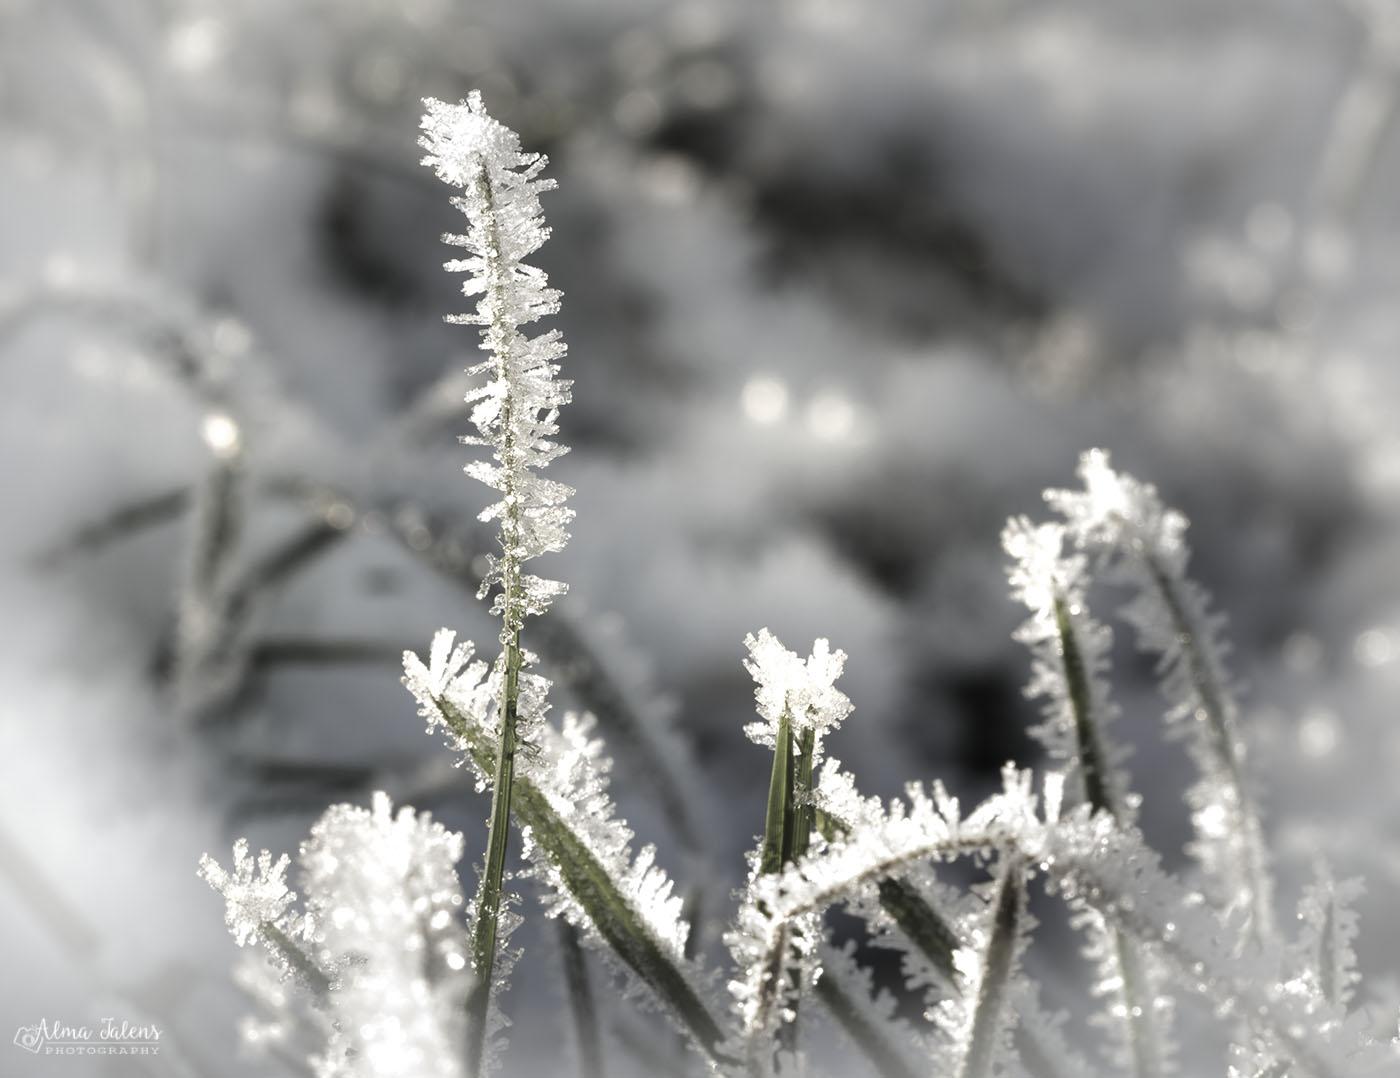 IJskristallen, macro fotografie